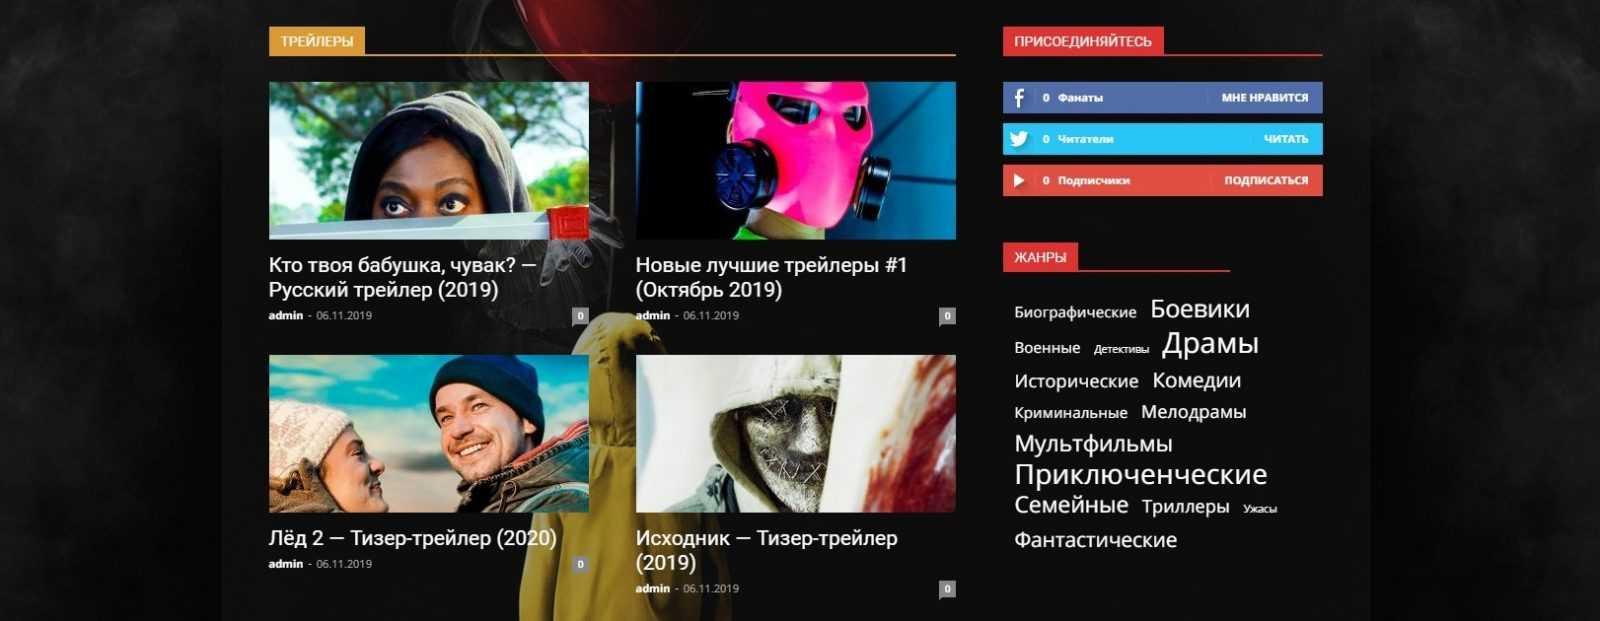 Автонаполняемый сайт Линия кино трейлеры